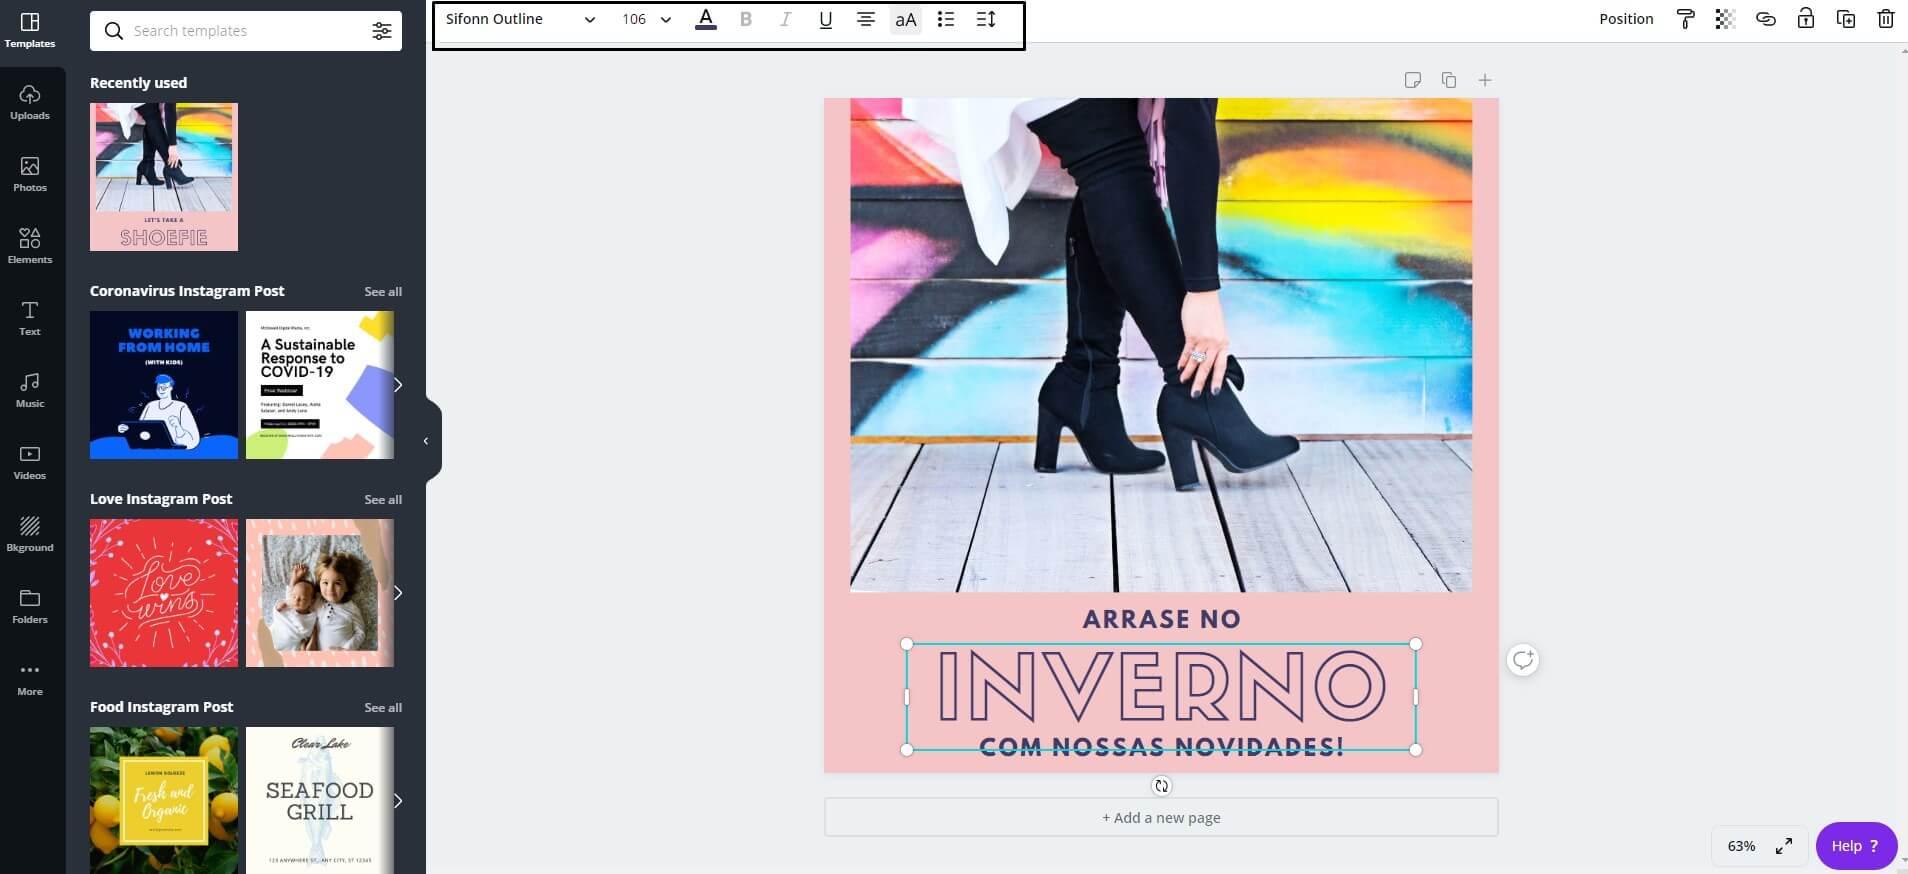 Captura de tela do Canva com propaganda para calçados femininos de inverno.